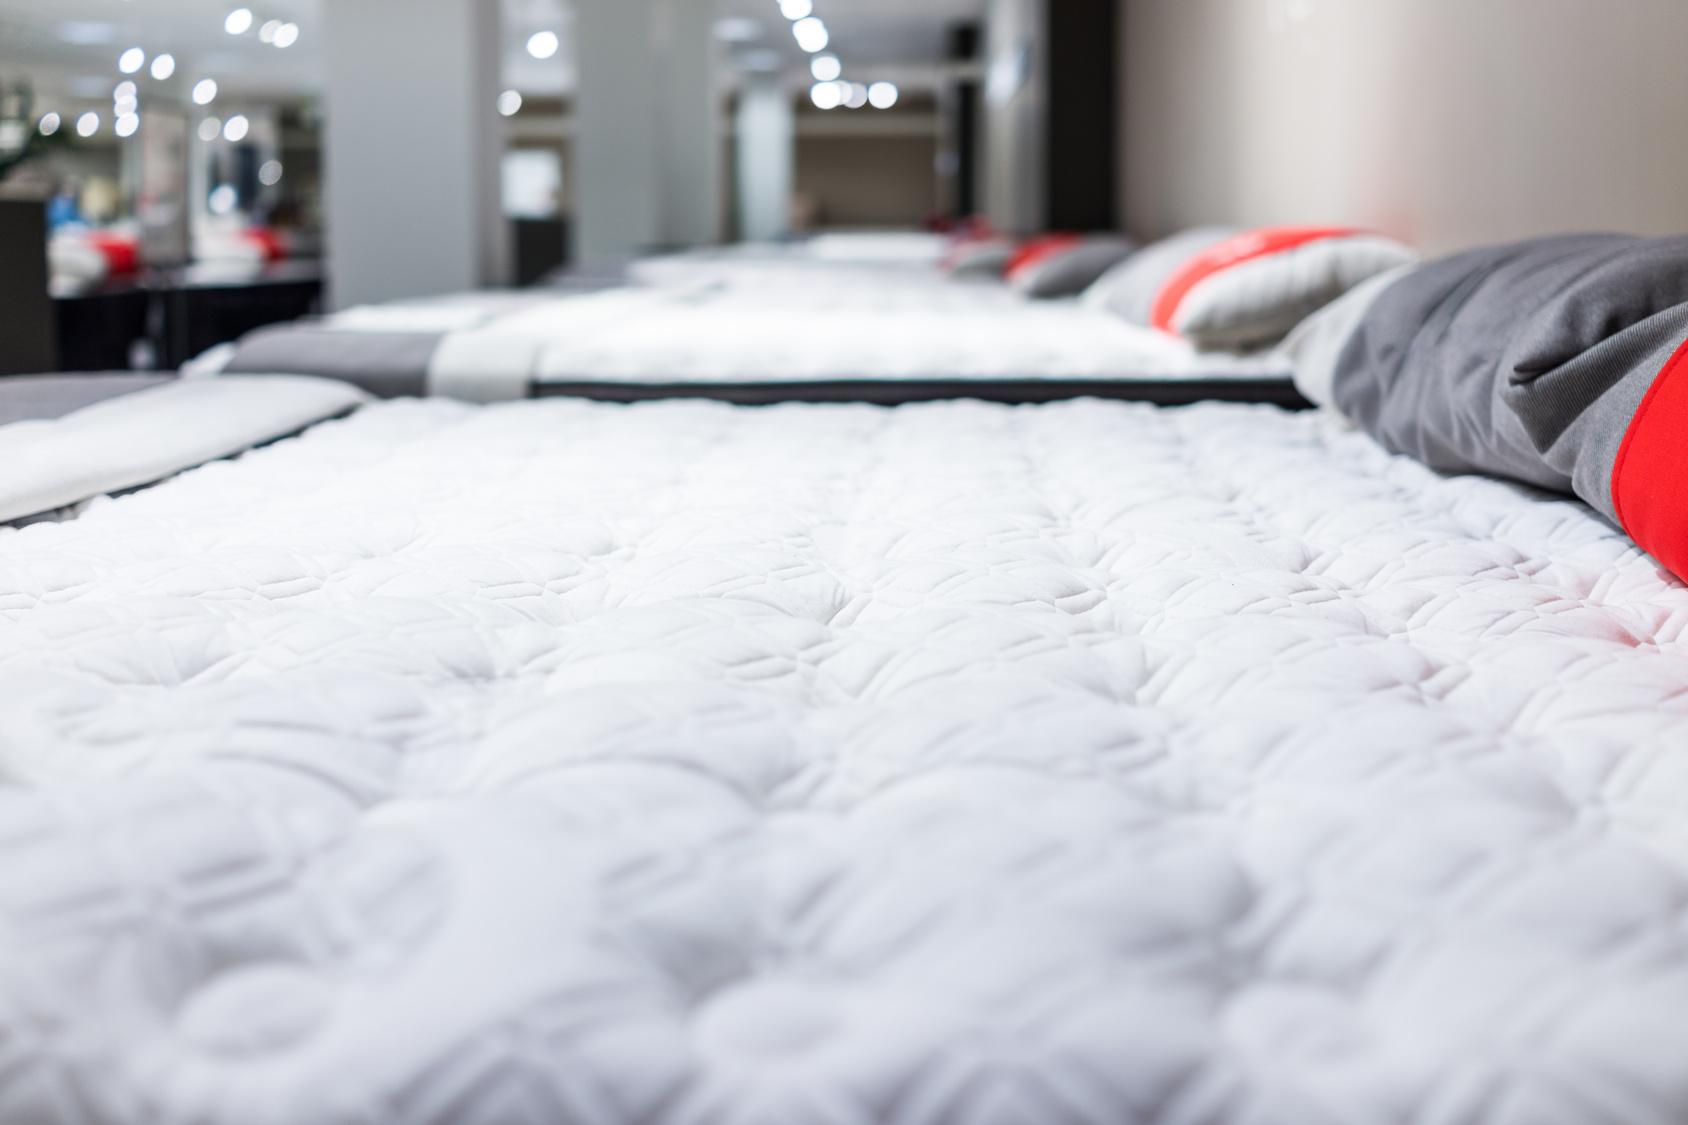 giftstoff dichlorbenzol in matratzen und m beln. Black Bedroom Furniture Sets. Home Design Ideas